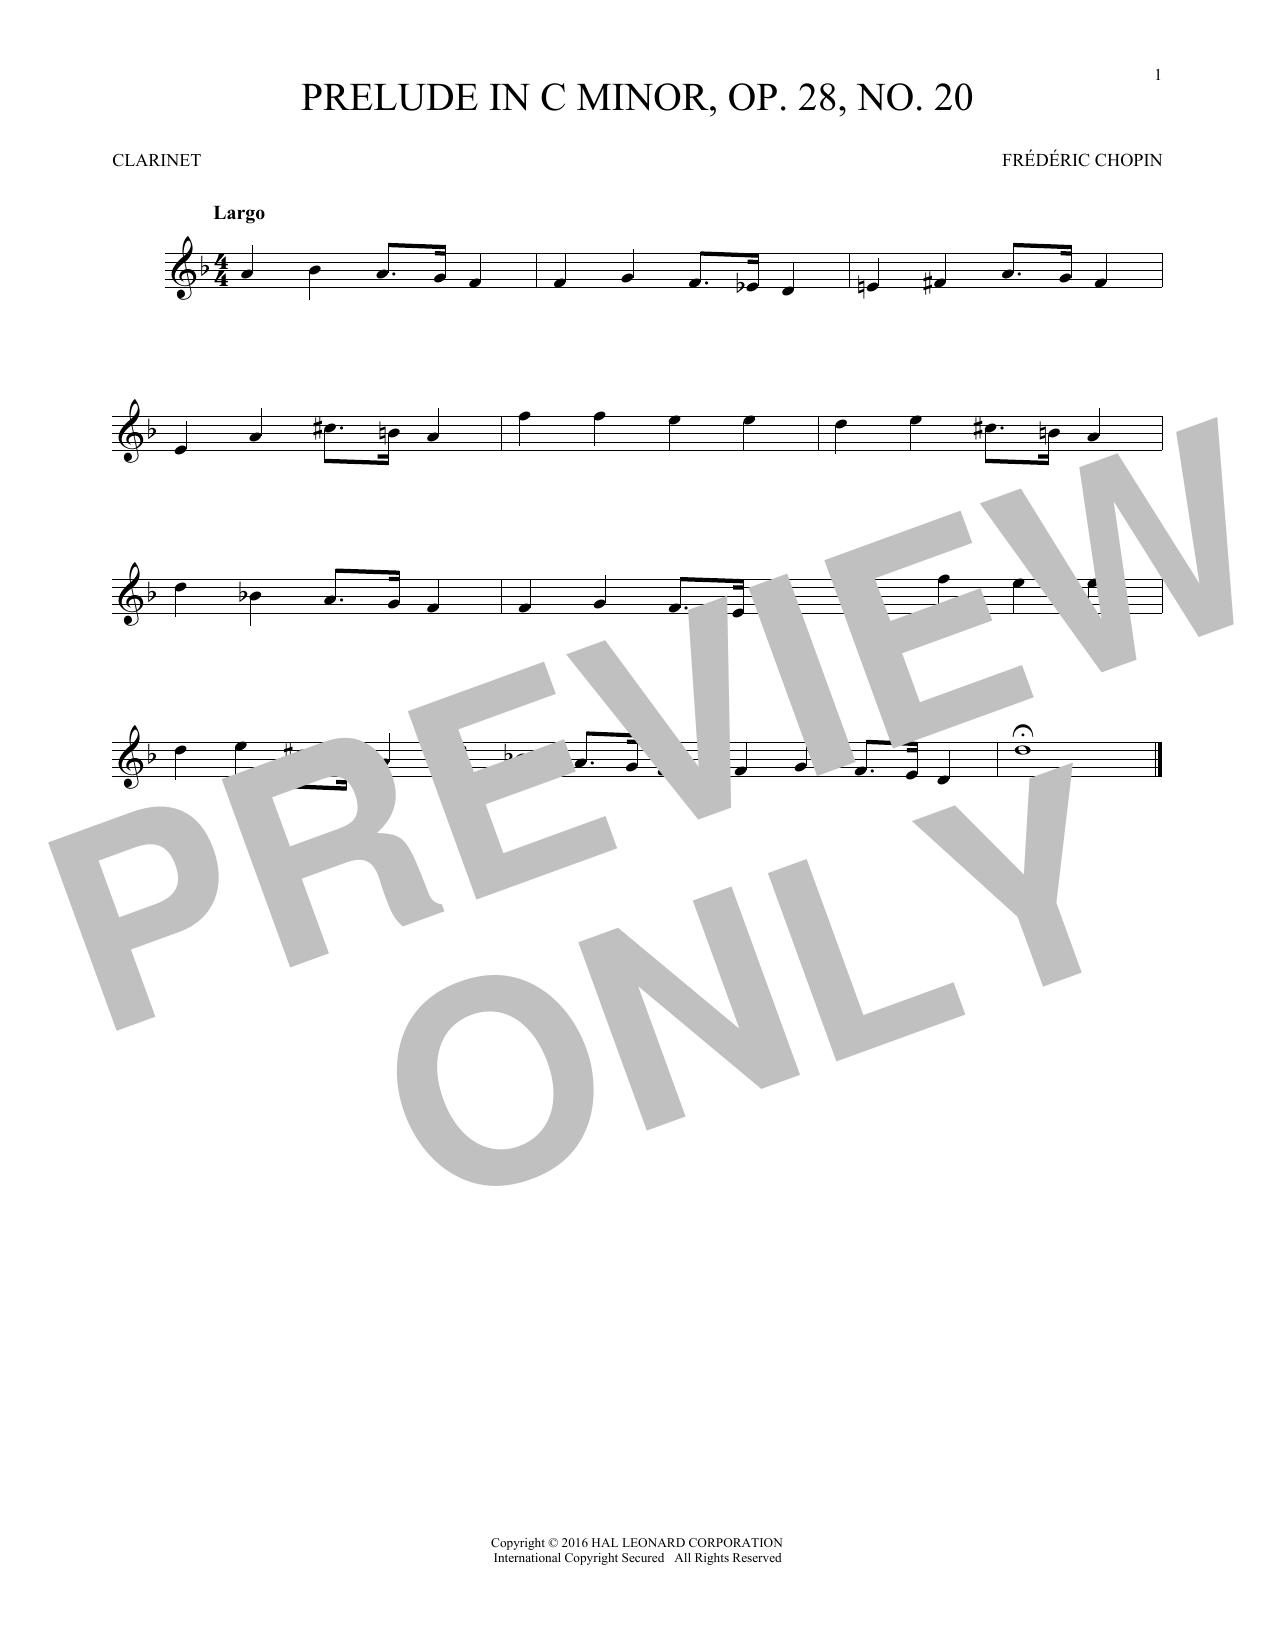 Prelude, Op. 28, No. 20 (Clarinet Solo)